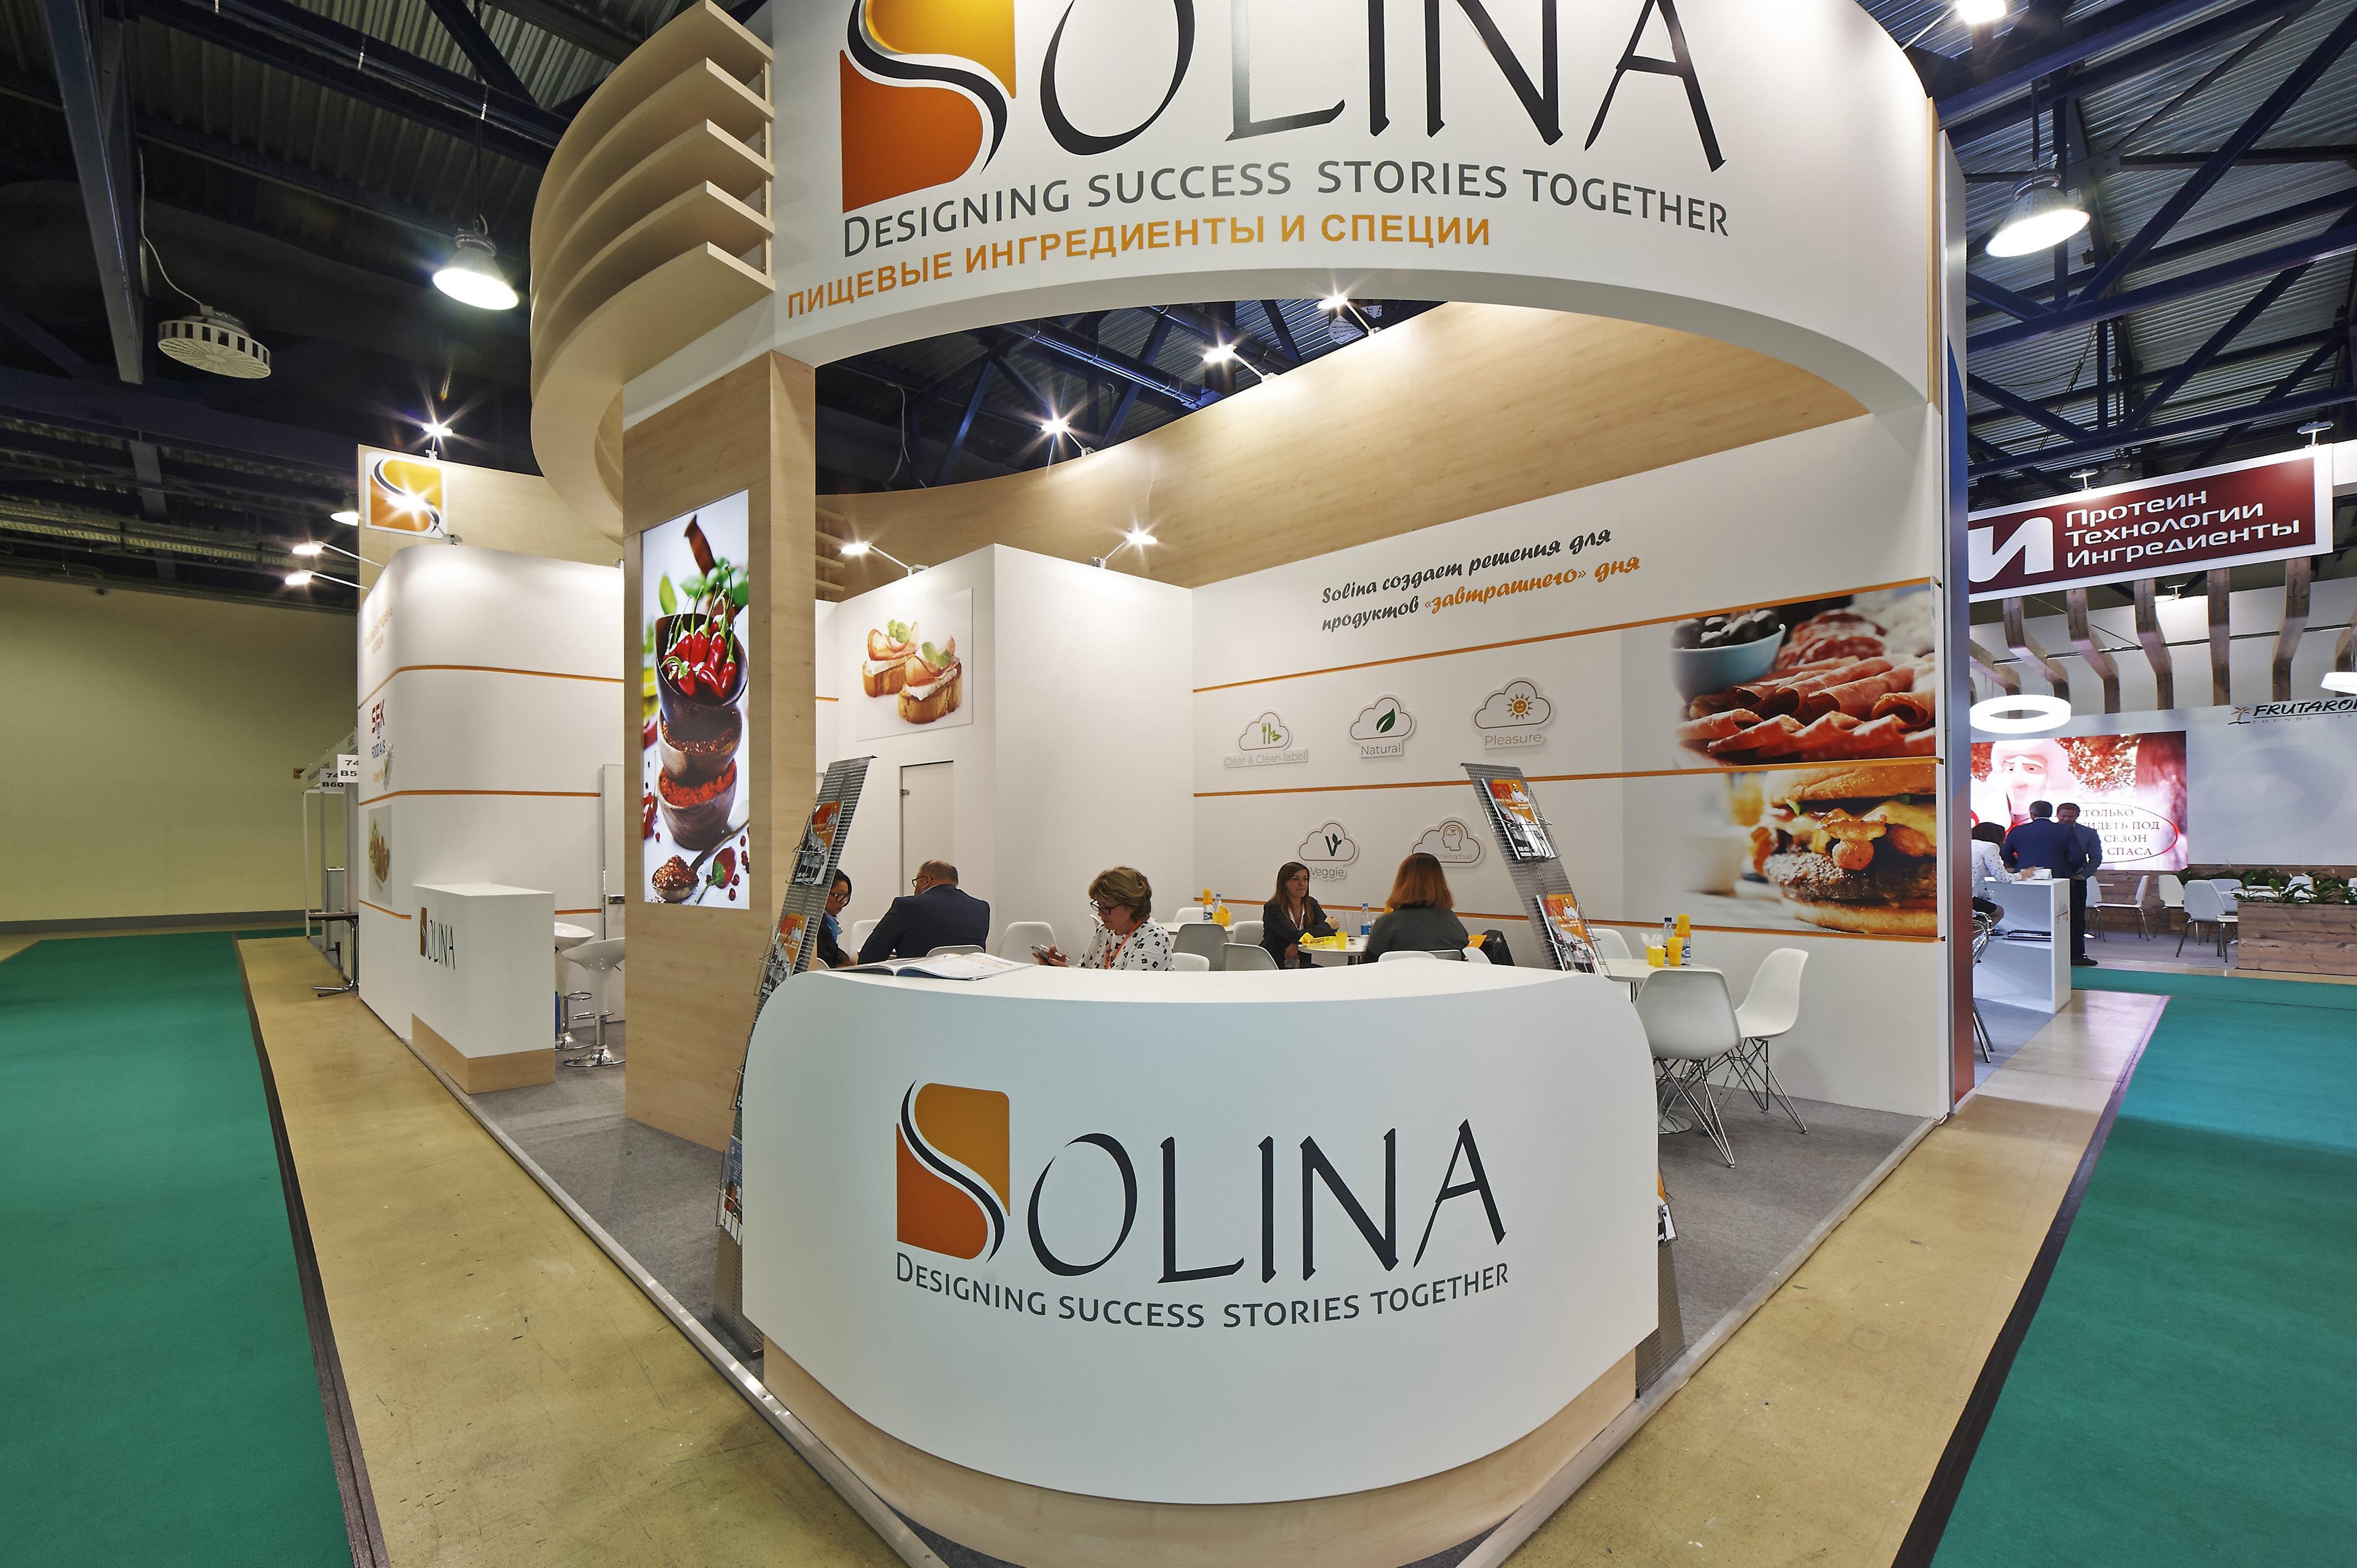 Solina_300dpi_8